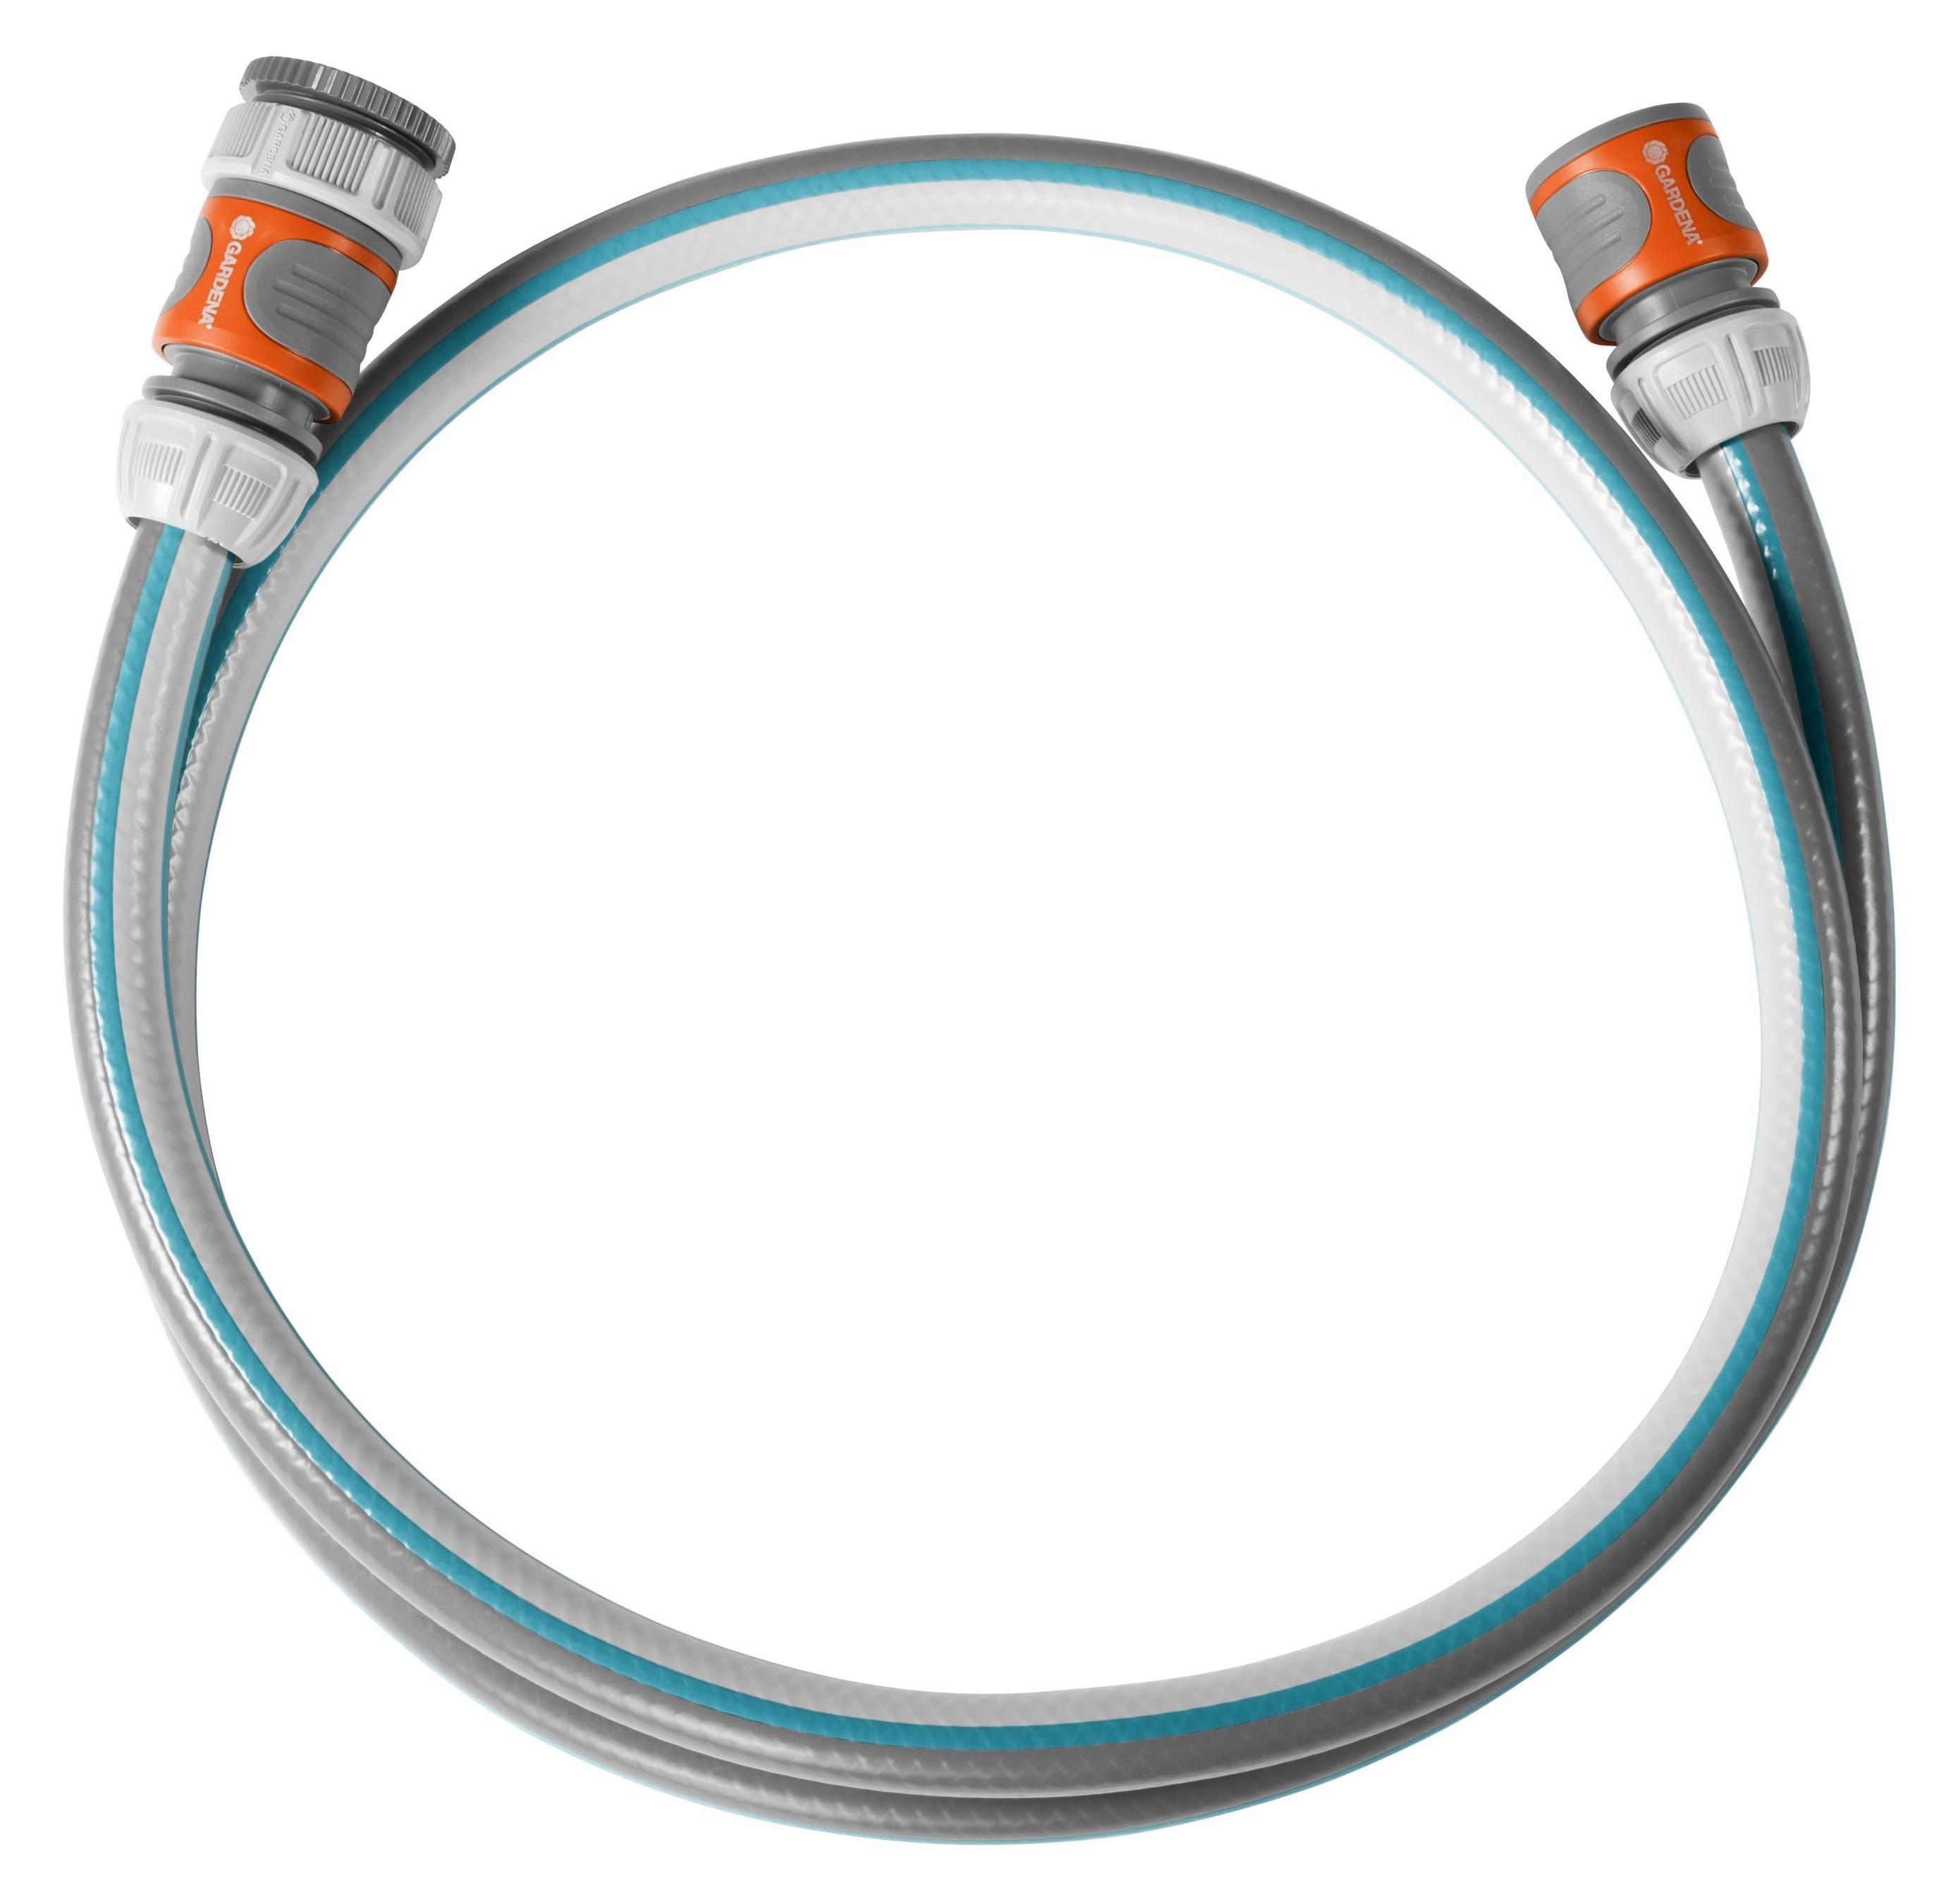 """GARDENA Schlauch Anschlussgarnitur Classic 13 mm (1/2"""") 1,5m 18011-20 Bild 1"""